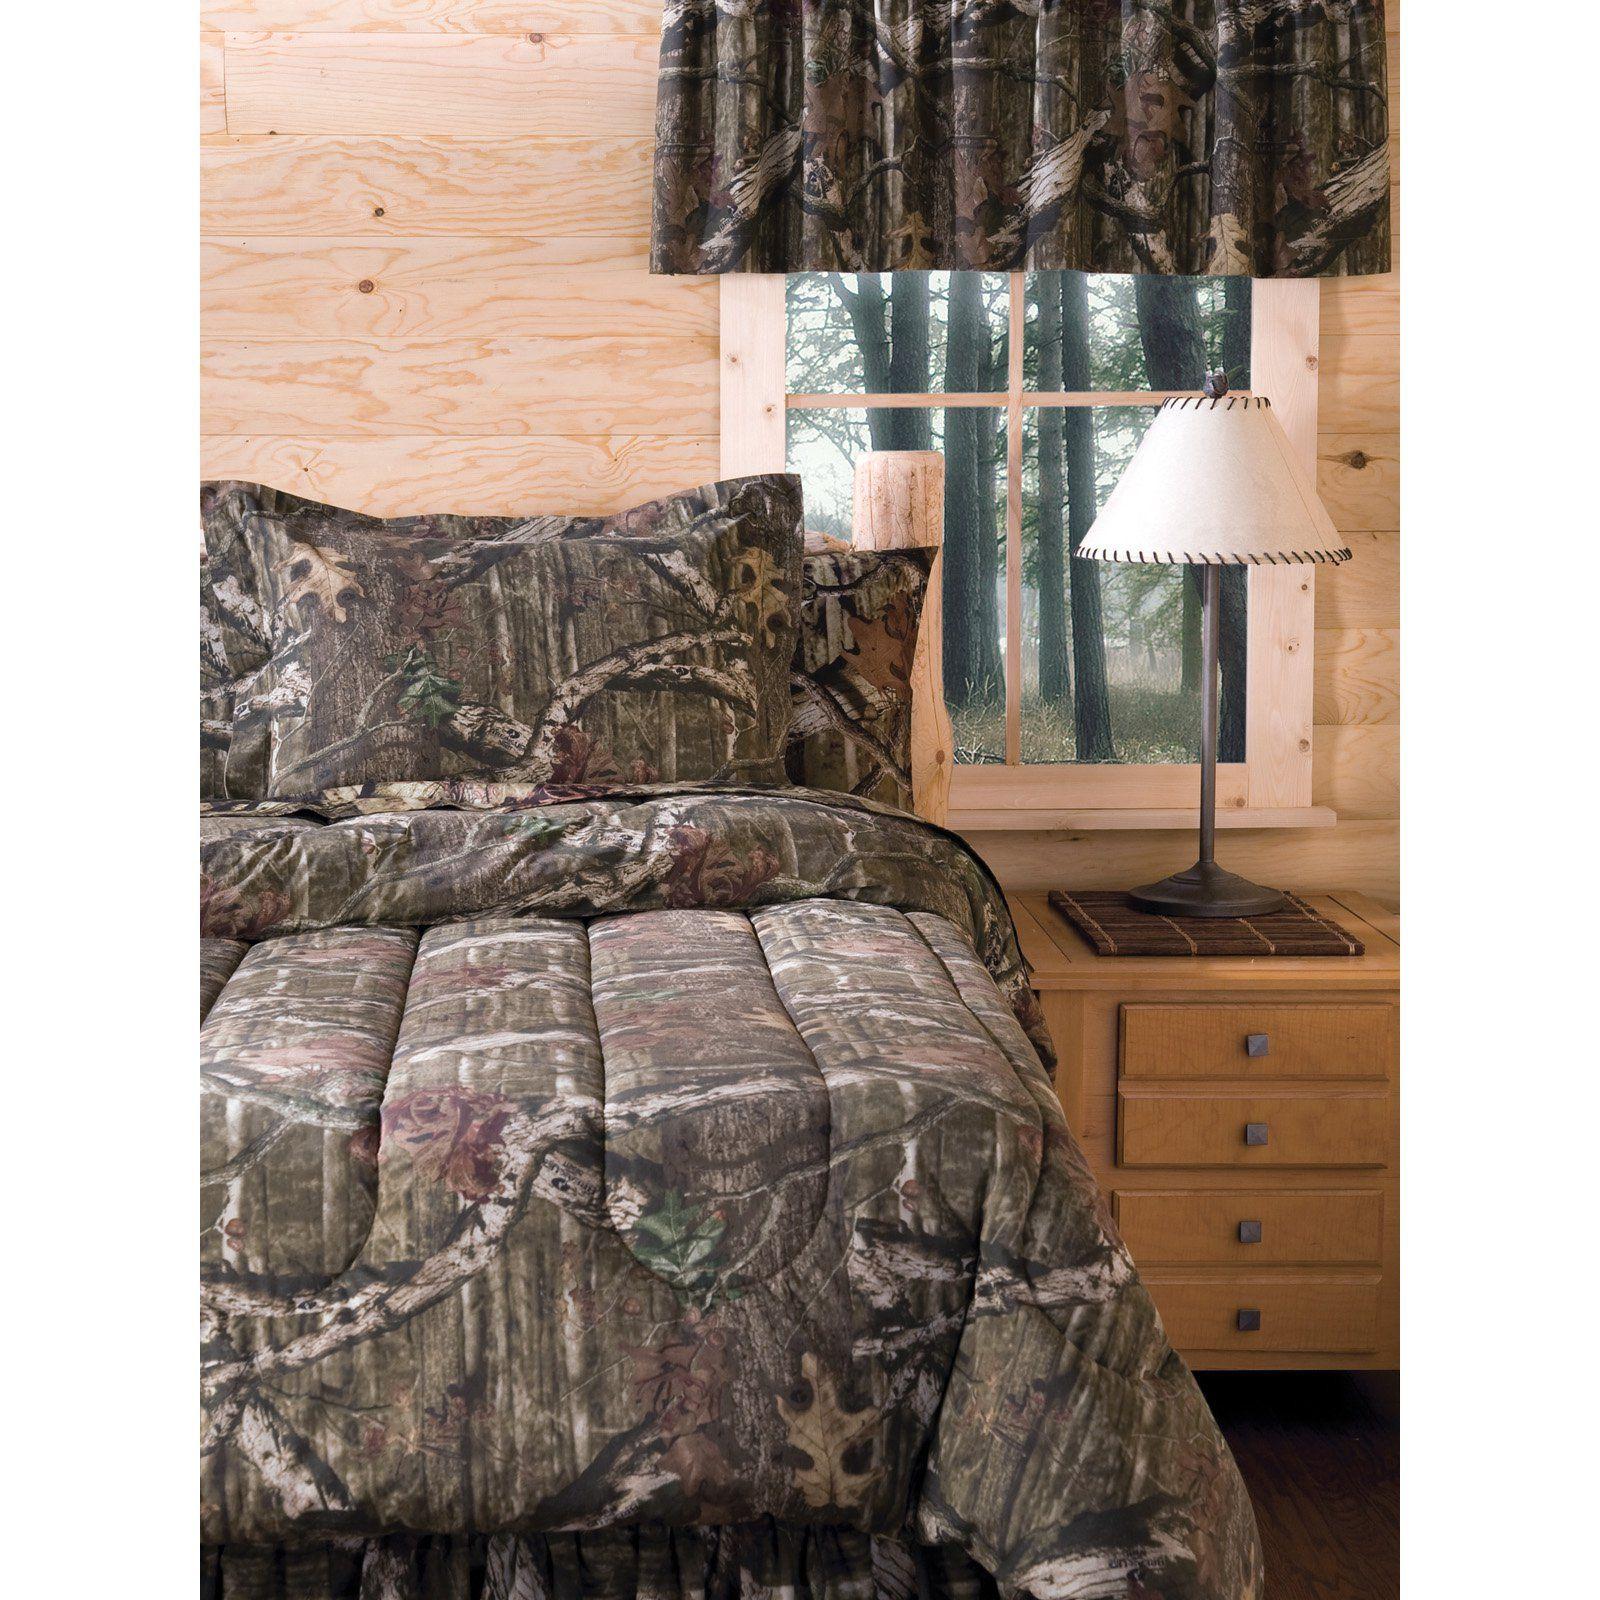 Mossy Oak Mini Bedding Set Size Queen In 2020 Comforter Sets Log Cabin Furniture Bedding Sets